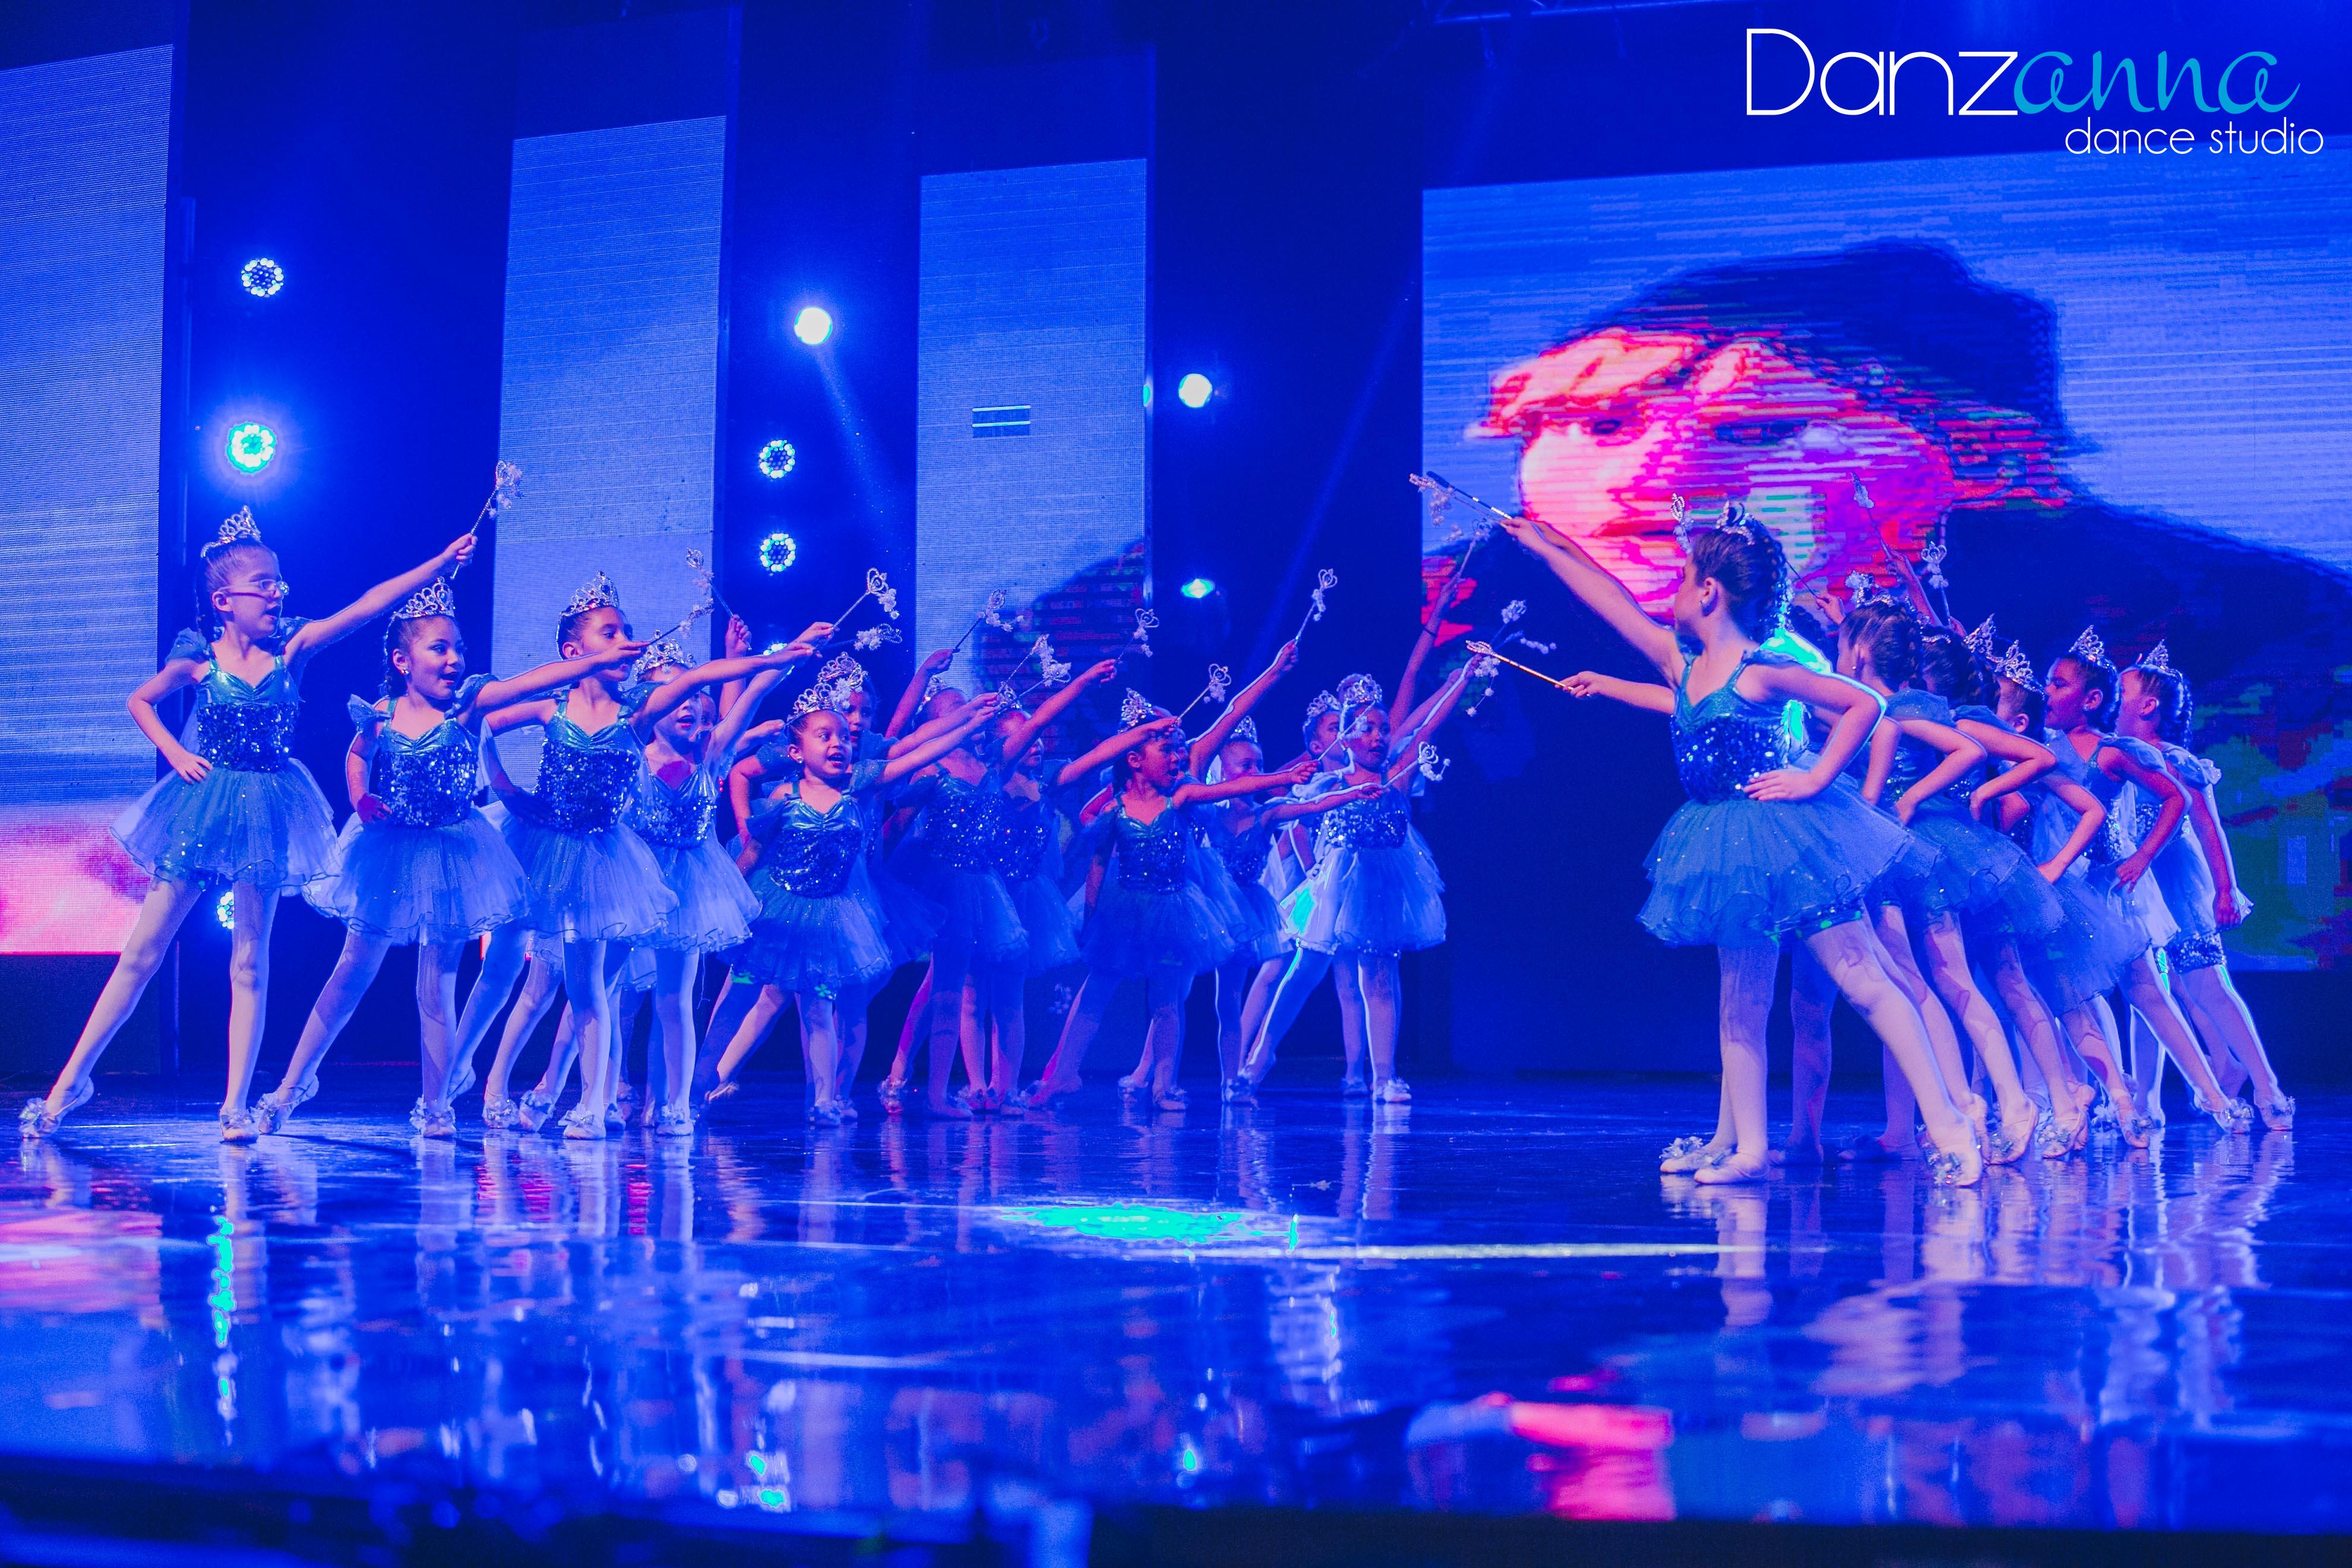 Danzanna-837